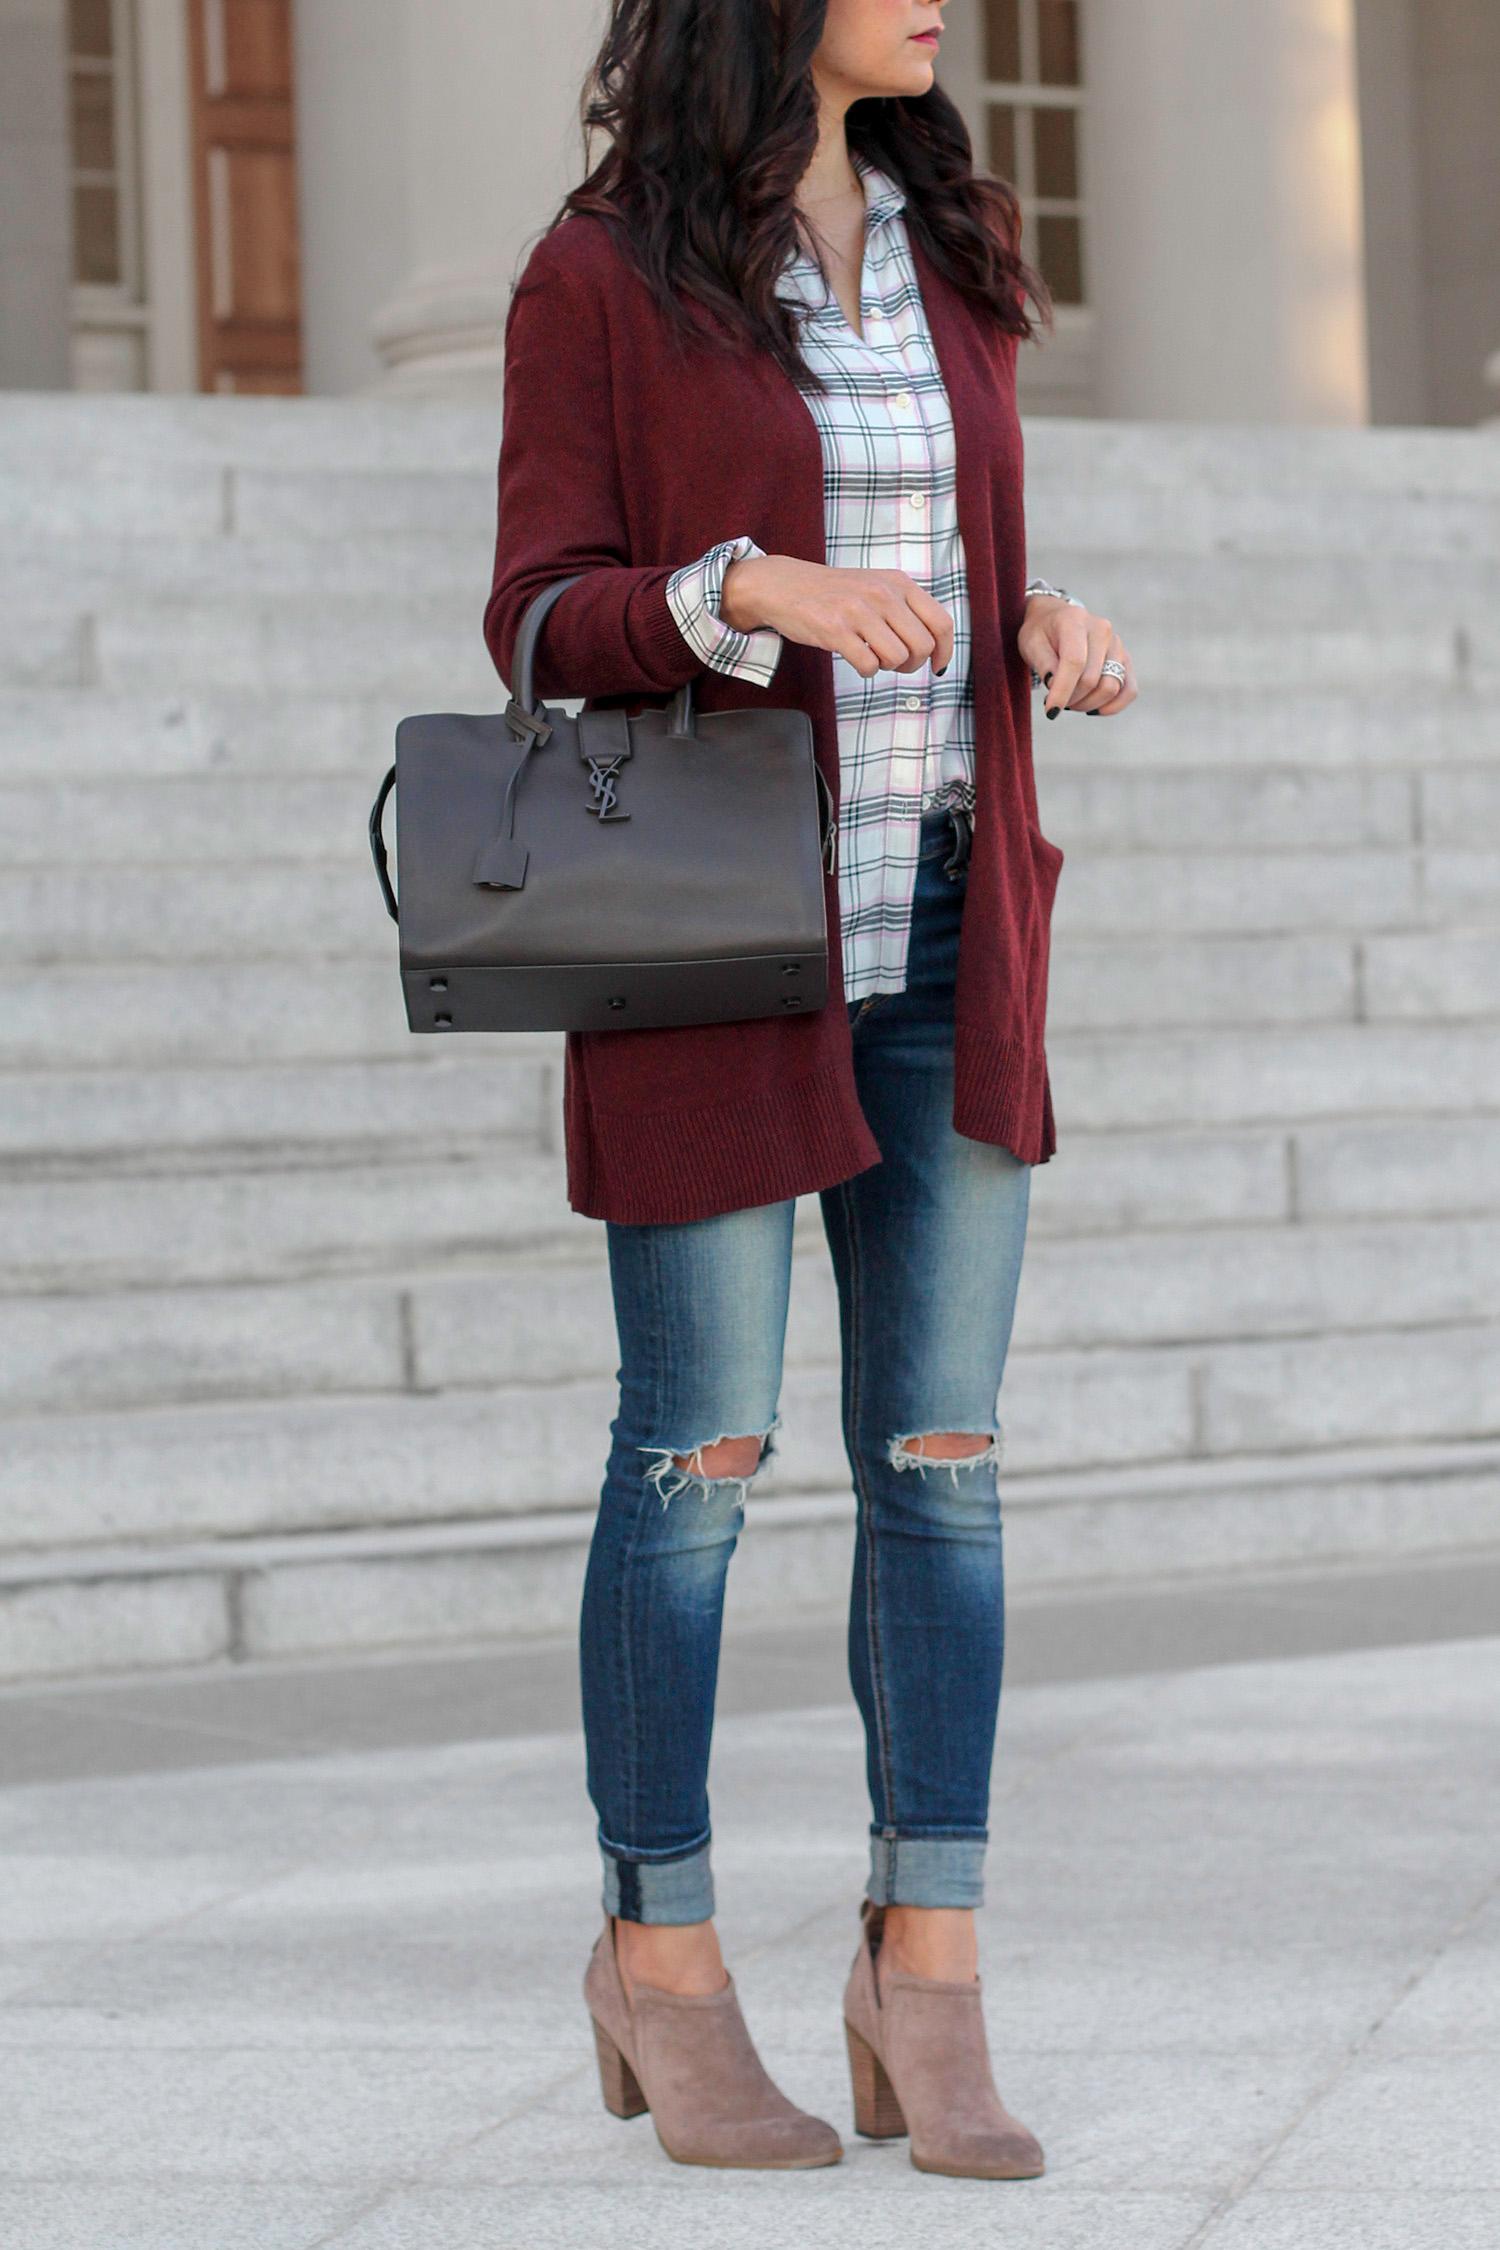 Cute Fall Outfit Idea